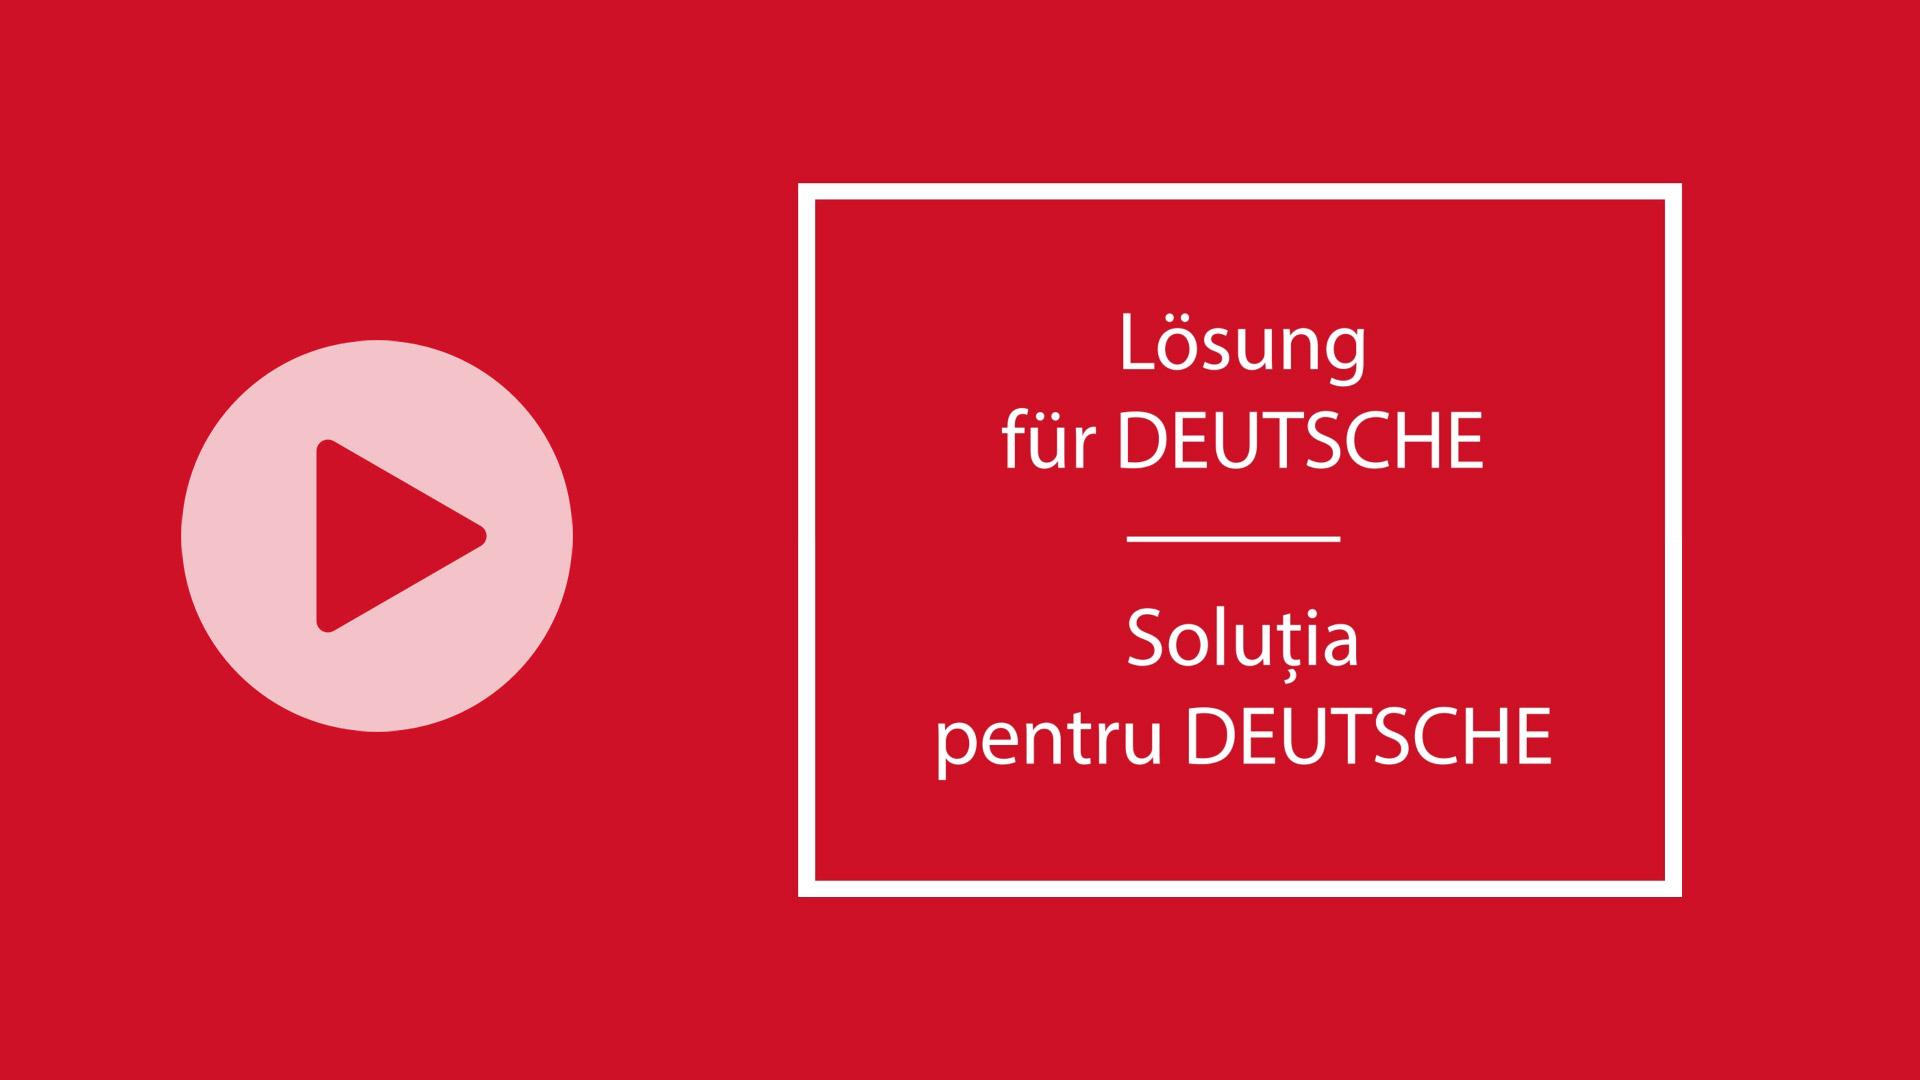 dsbu - solutia pentru deutsche